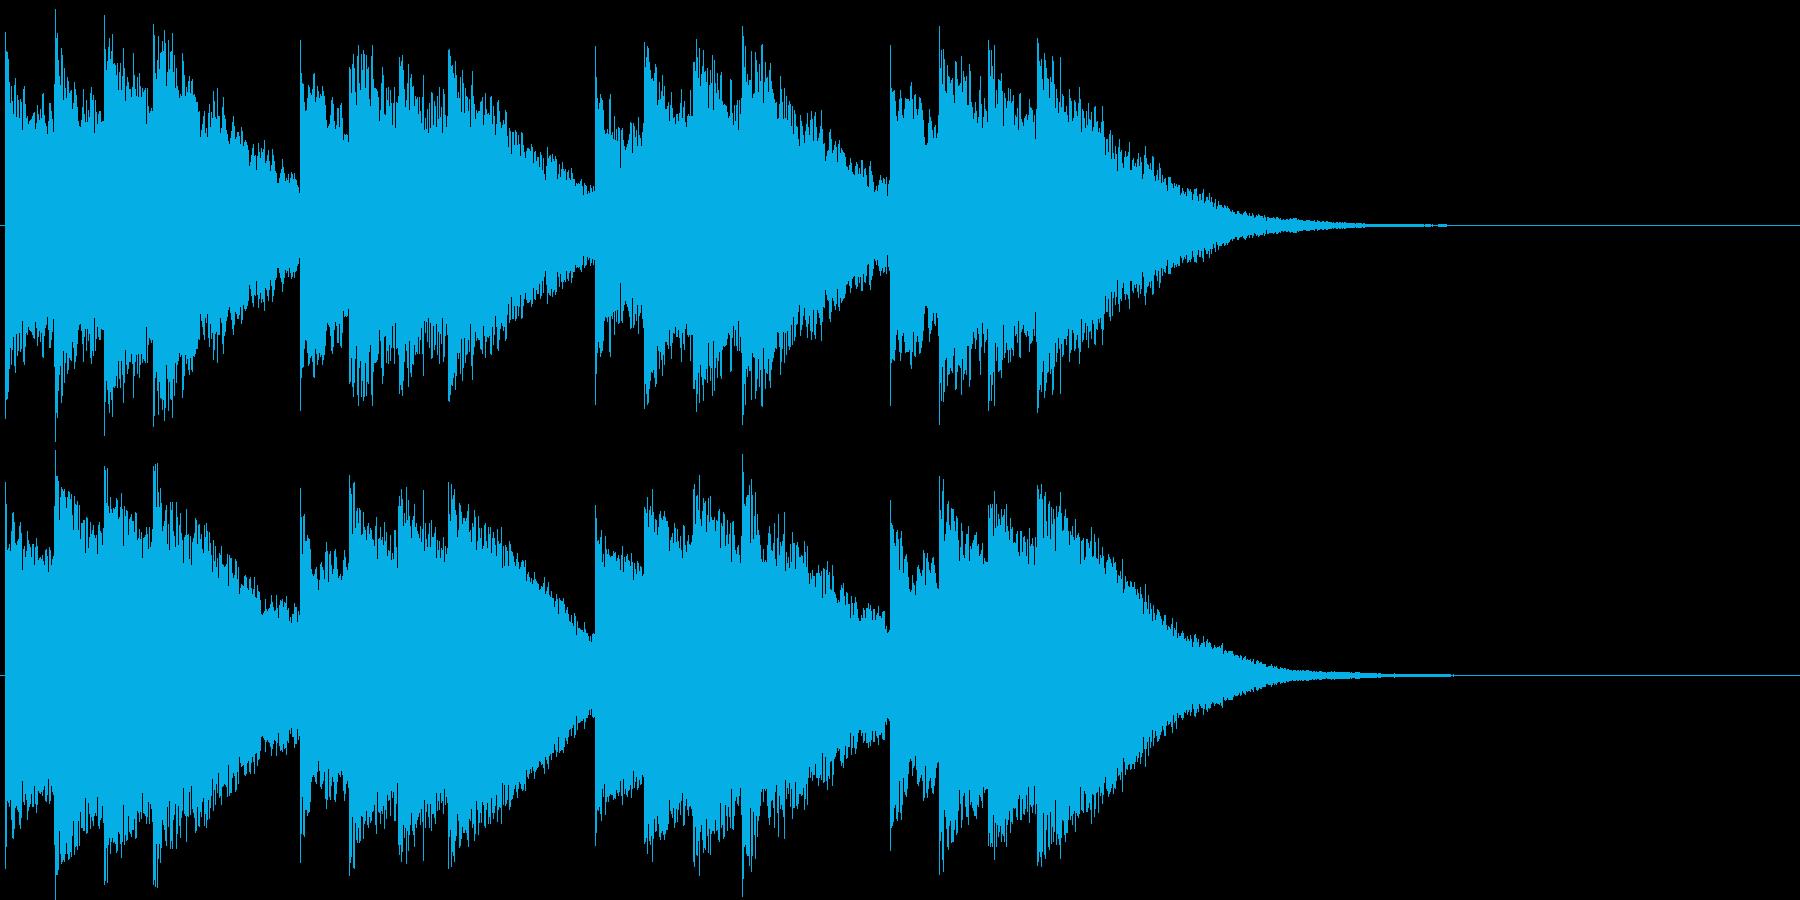 キンコンカンコン。学校のチャイム(高)の再生済みの波形